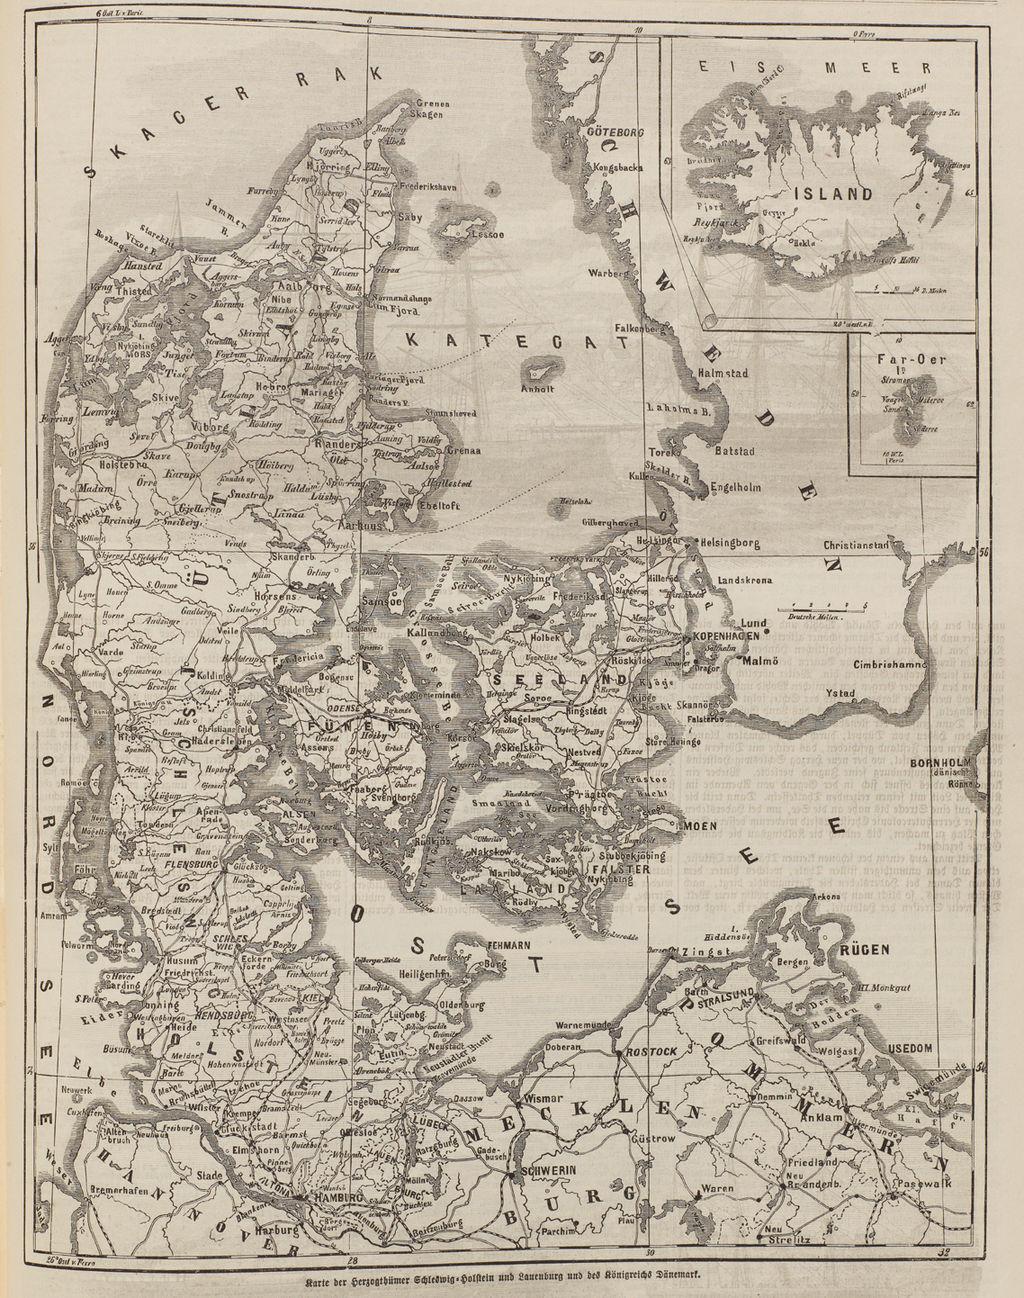 karte schleswig holstein dänemark LeMO Bestand   Objekt   Karte der Herzogtümer Schleswig Holstein